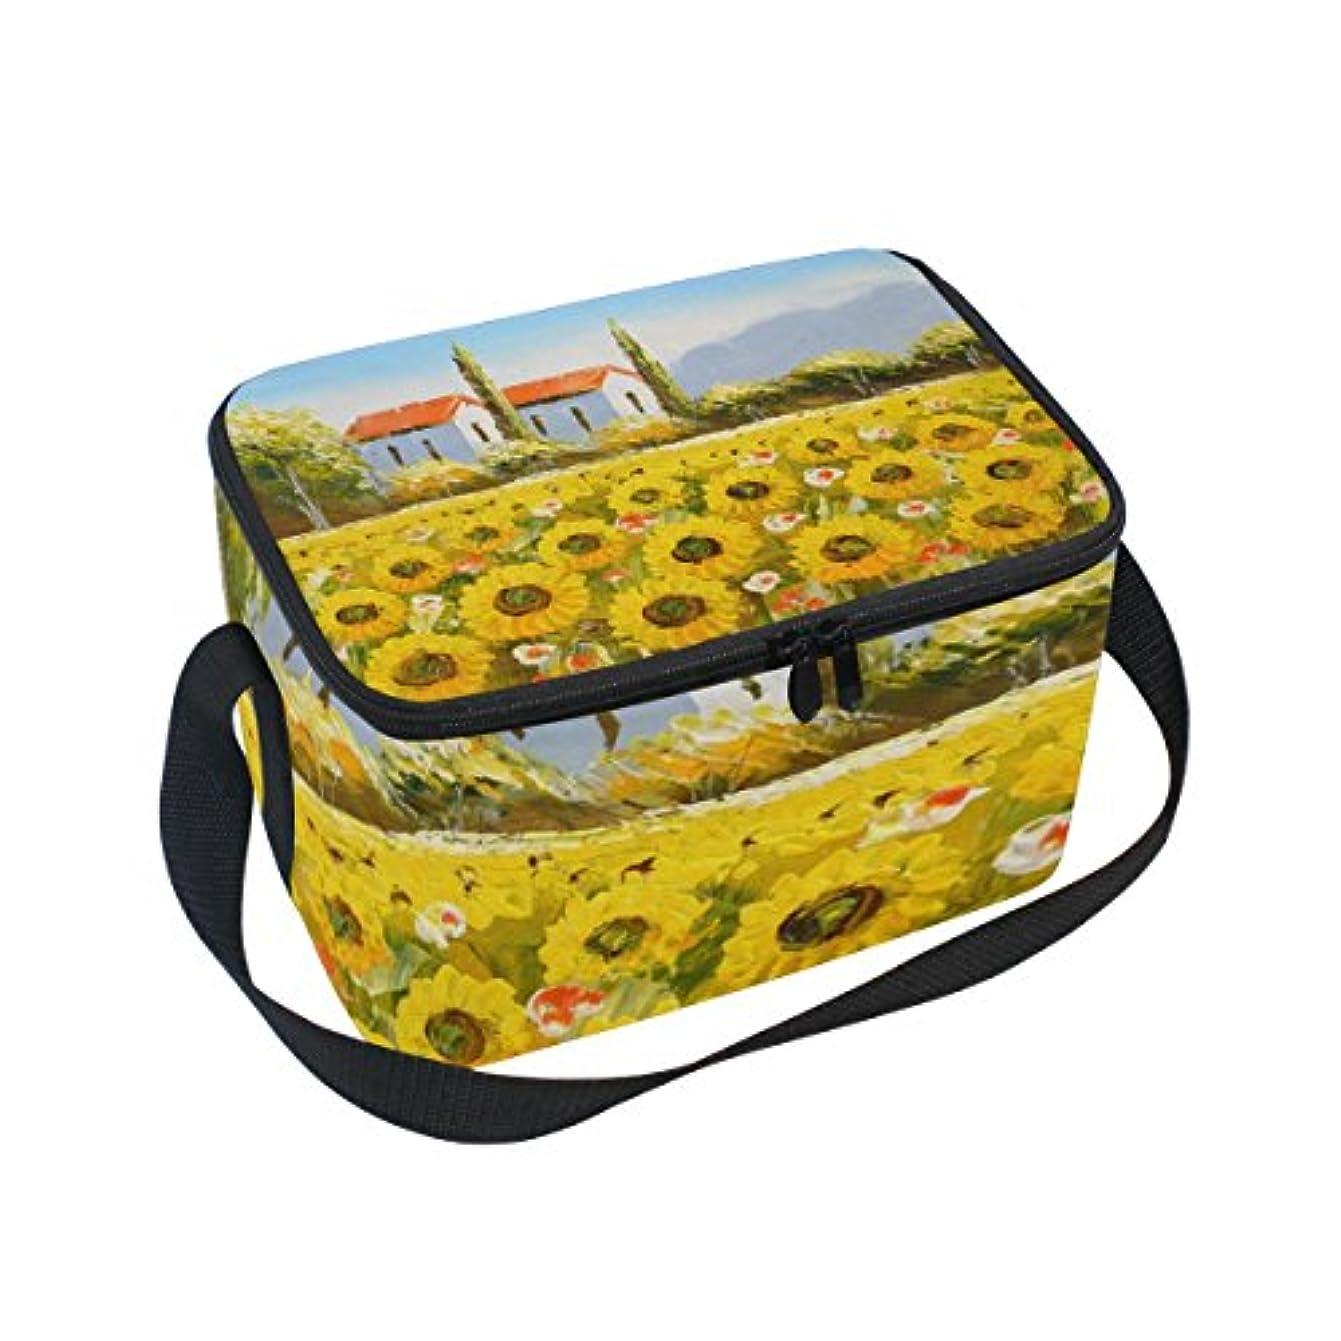 薬急行するリマクーラーバッグ クーラーボックス ソフトクーラ 冷蔵ボックス キャンプ用品  油絵 田舎の景色 プリント 保冷保温 大容量 肩掛け お花見 アウトドア